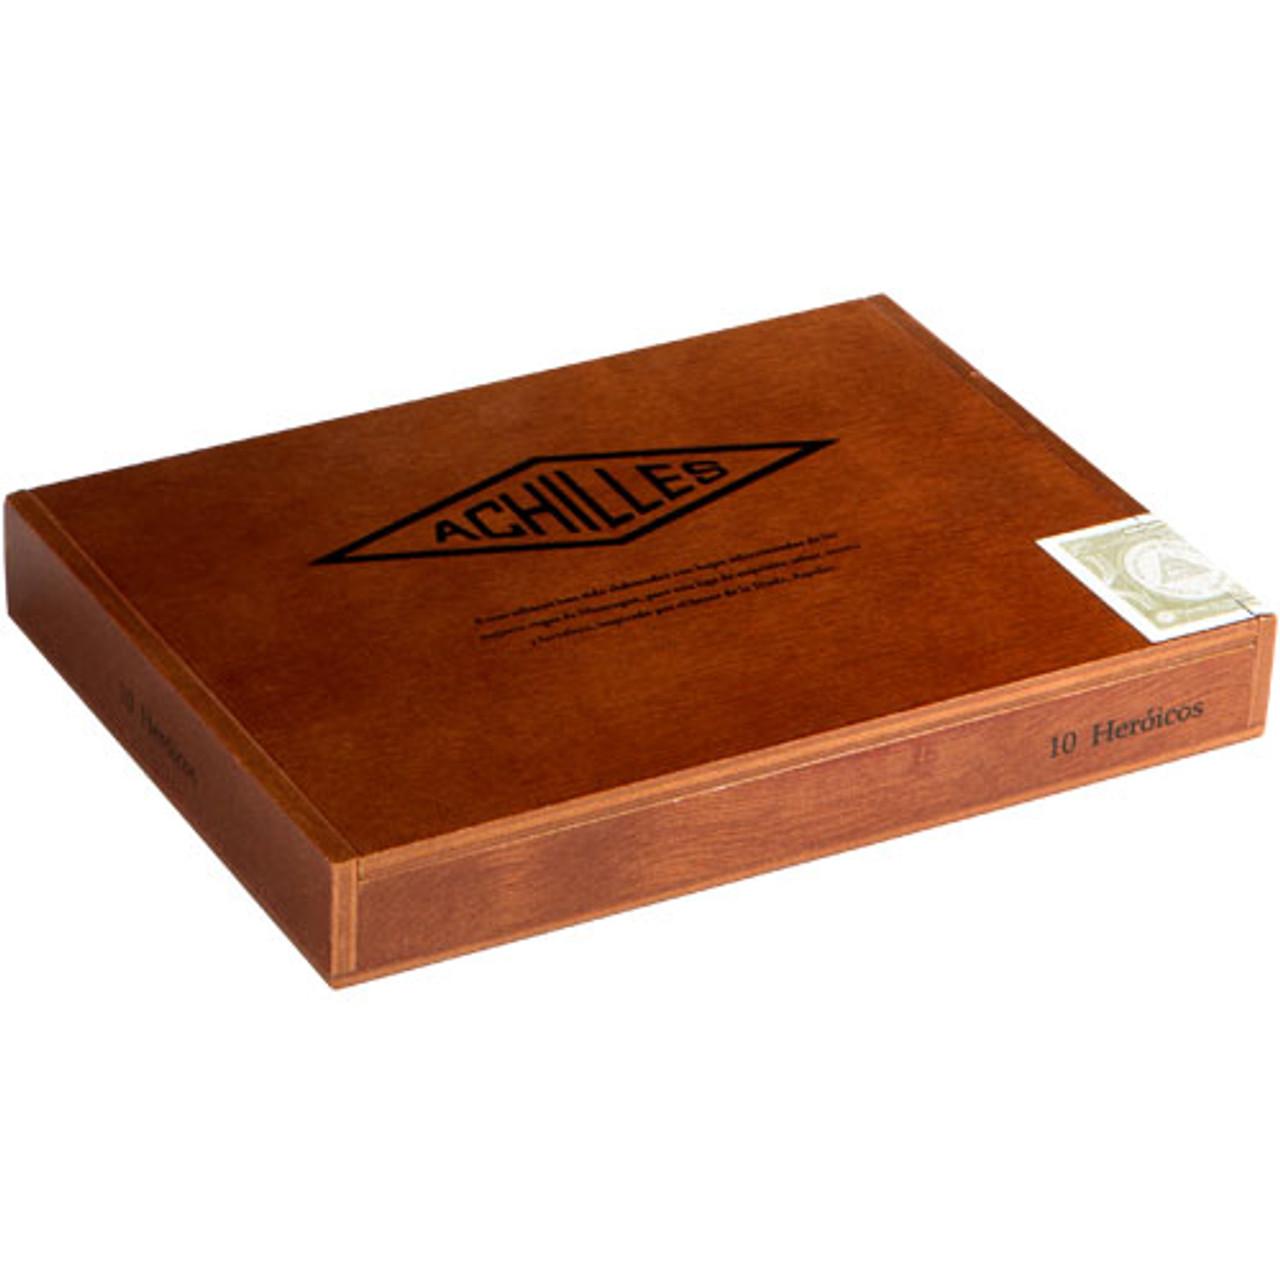 Curivari Achilles Heroicos Cigars - 5.25 x 50 (Box of 10)